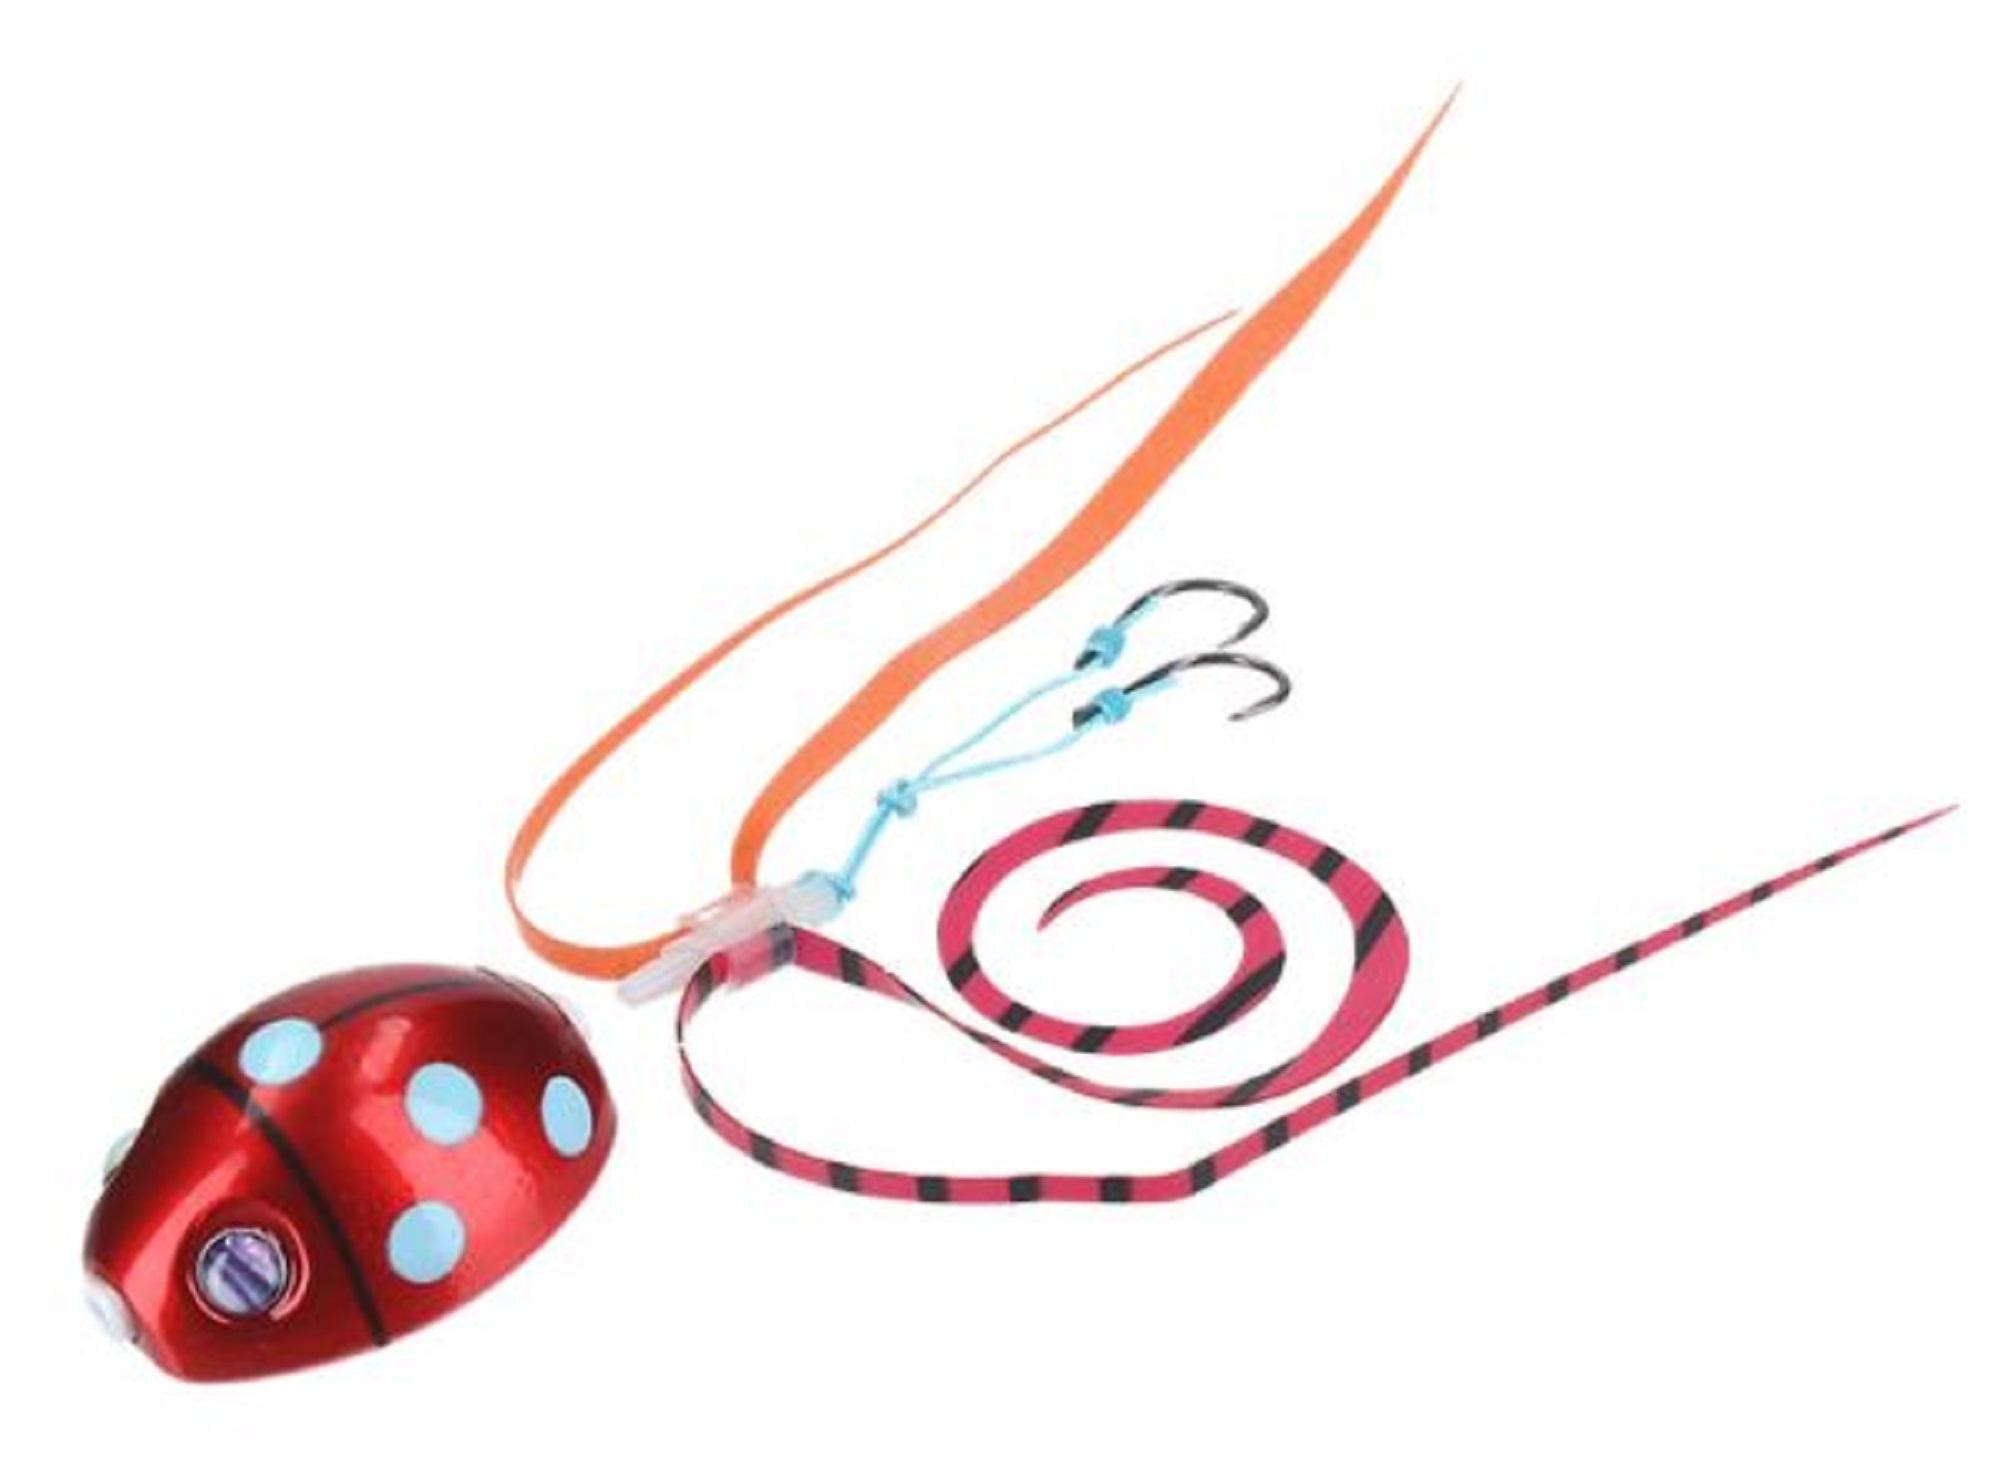 Daiwa Sliding Madai BRFA Nakai LB 100 grams Dot Red (7764)